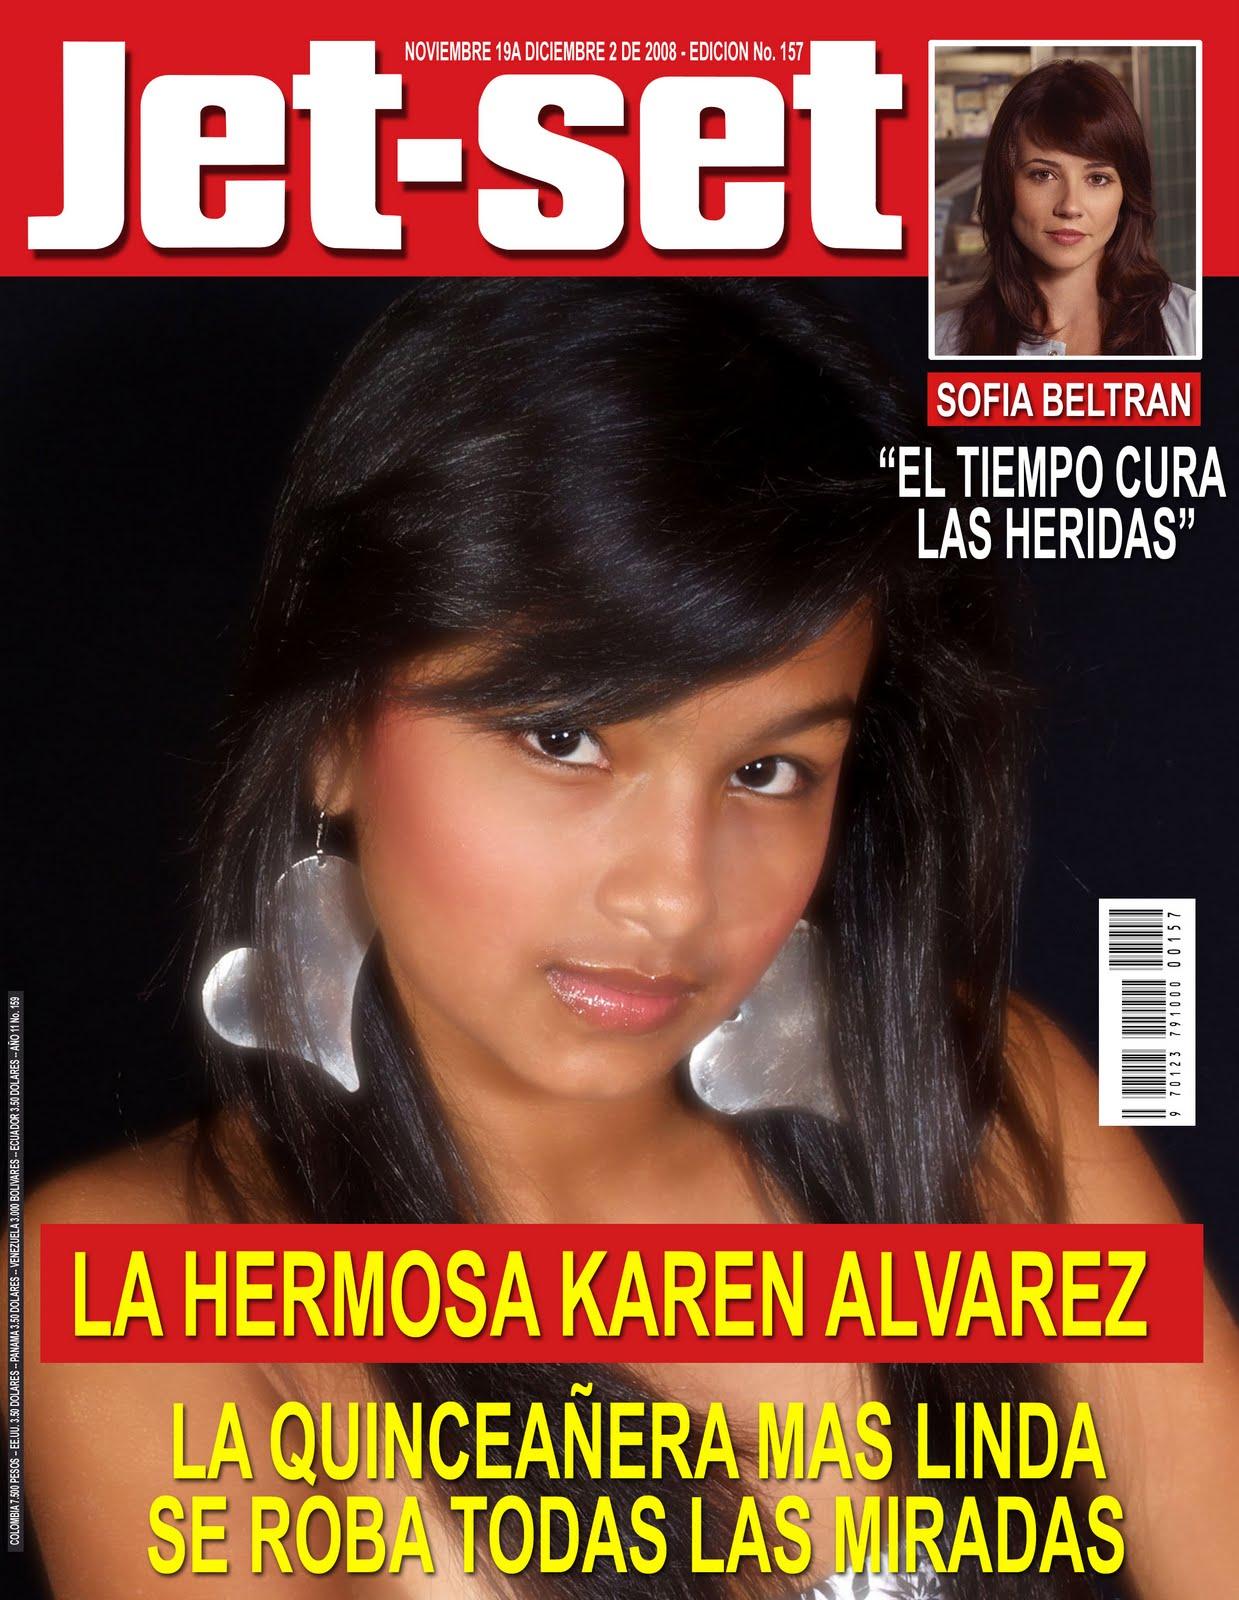 http://2.bp.blogspot.com/_ZYMCr_878gg/THamUfMUoqI/AAAAAAAAAZw/uc3X-6UKIC4/s1600/revista%2BJet%2Bset.jpg